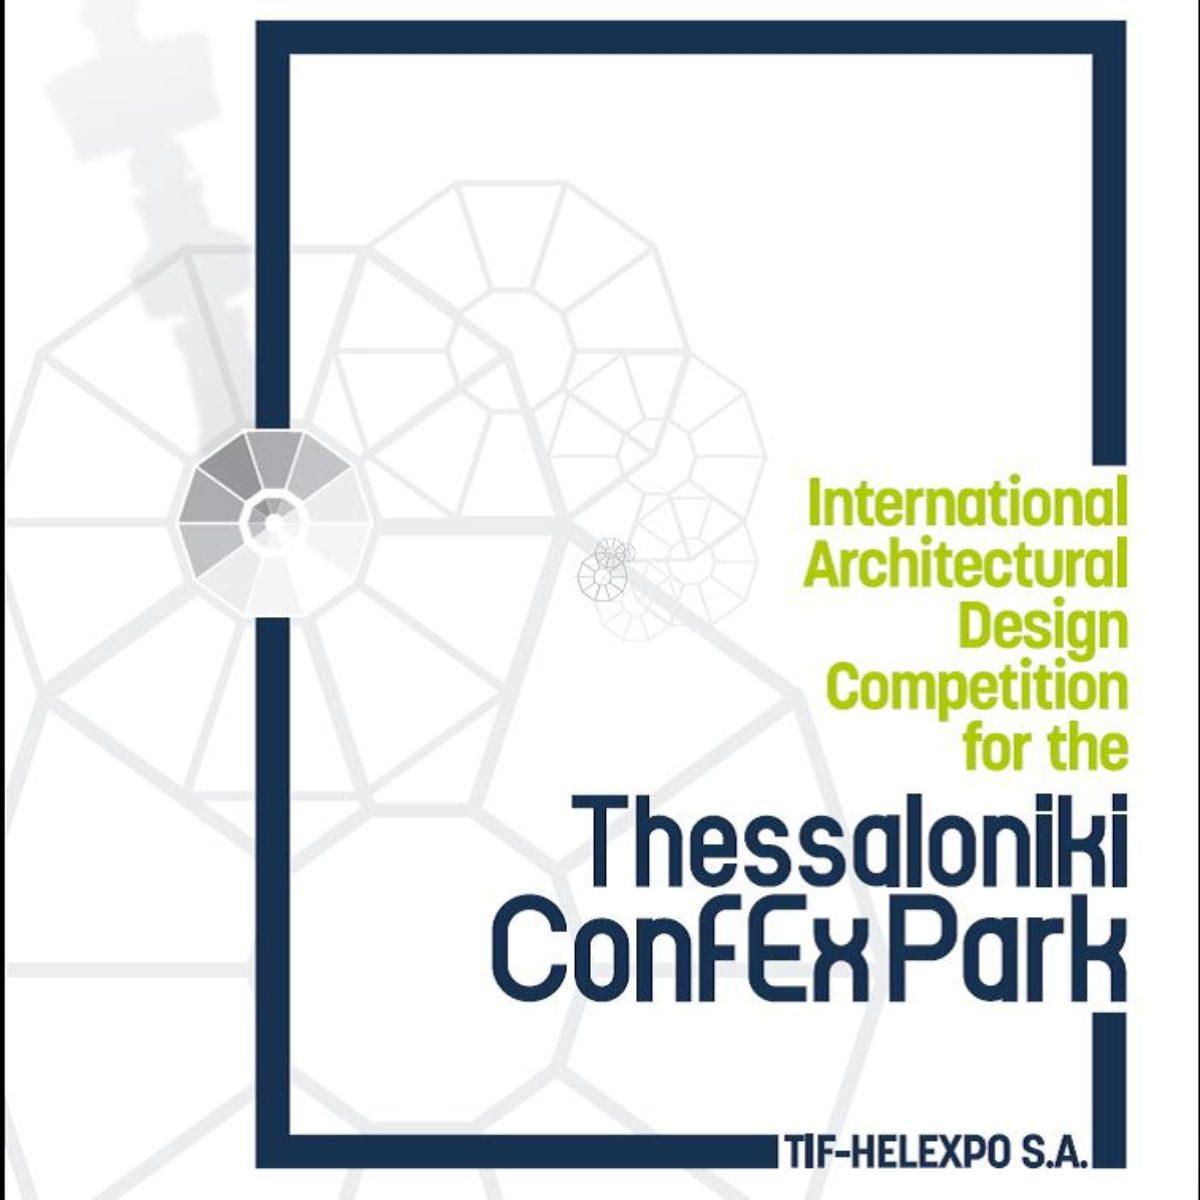 """Διεθνής Αρχιτεκτονικός Διαγωνισμός για την Ανάπλαση του Εκθεσιακού Κέντρου Θεσσαλονίκης με τίτλο: """"International Architectural Design Competition for the Thessaloniki ConfEx Park"""""""